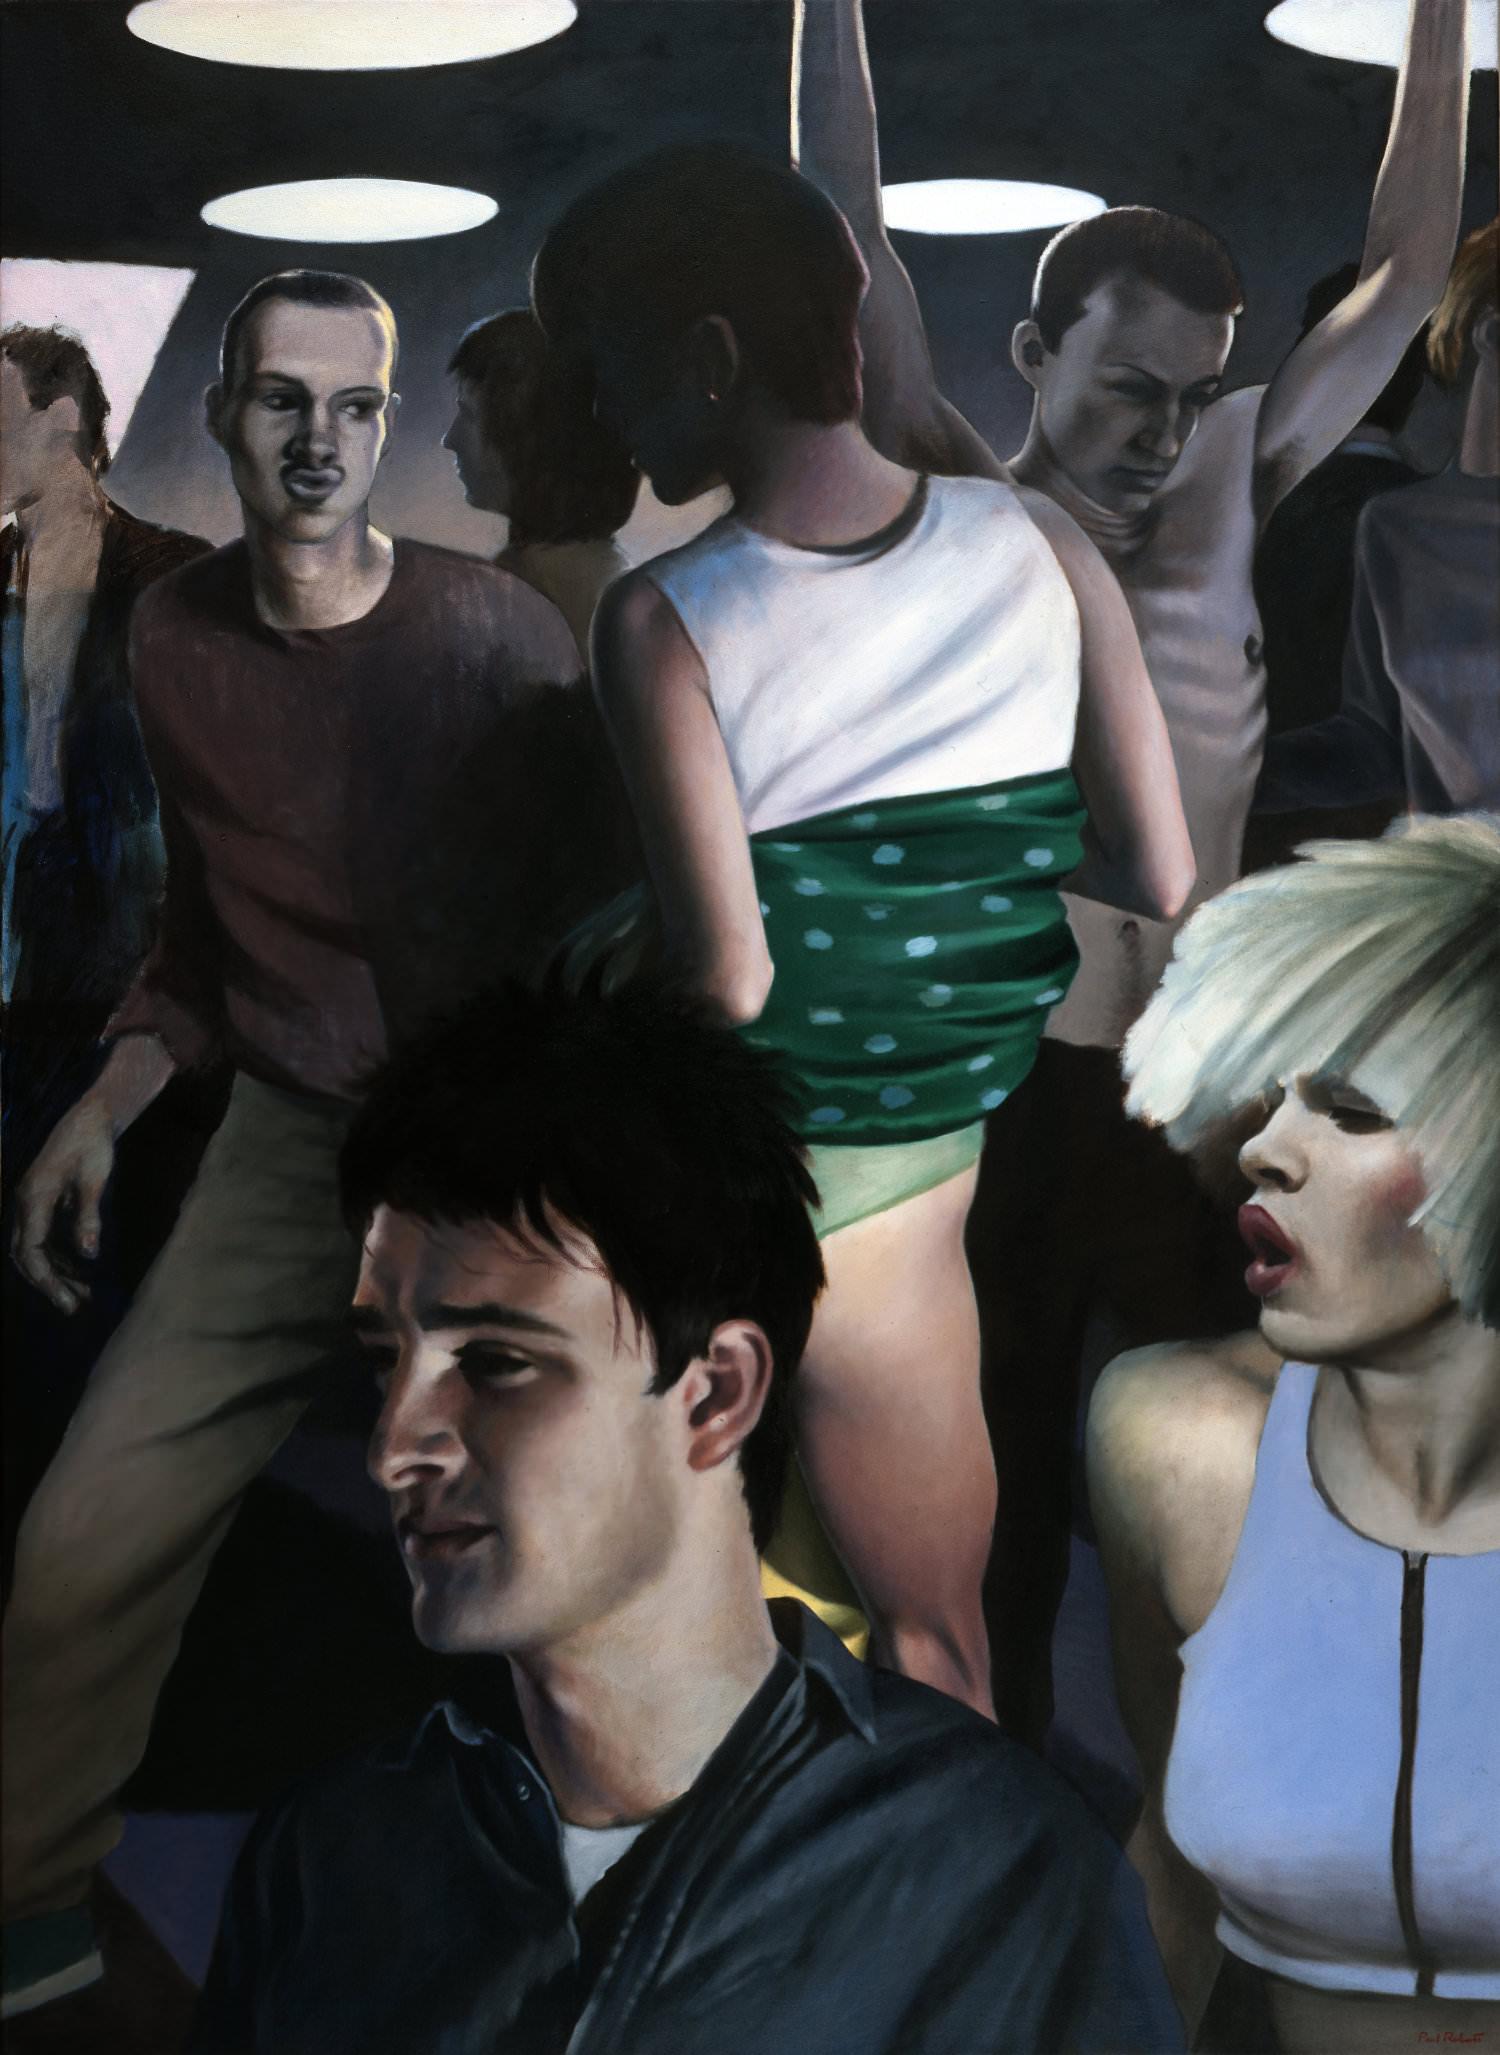 Nightclubbing 2